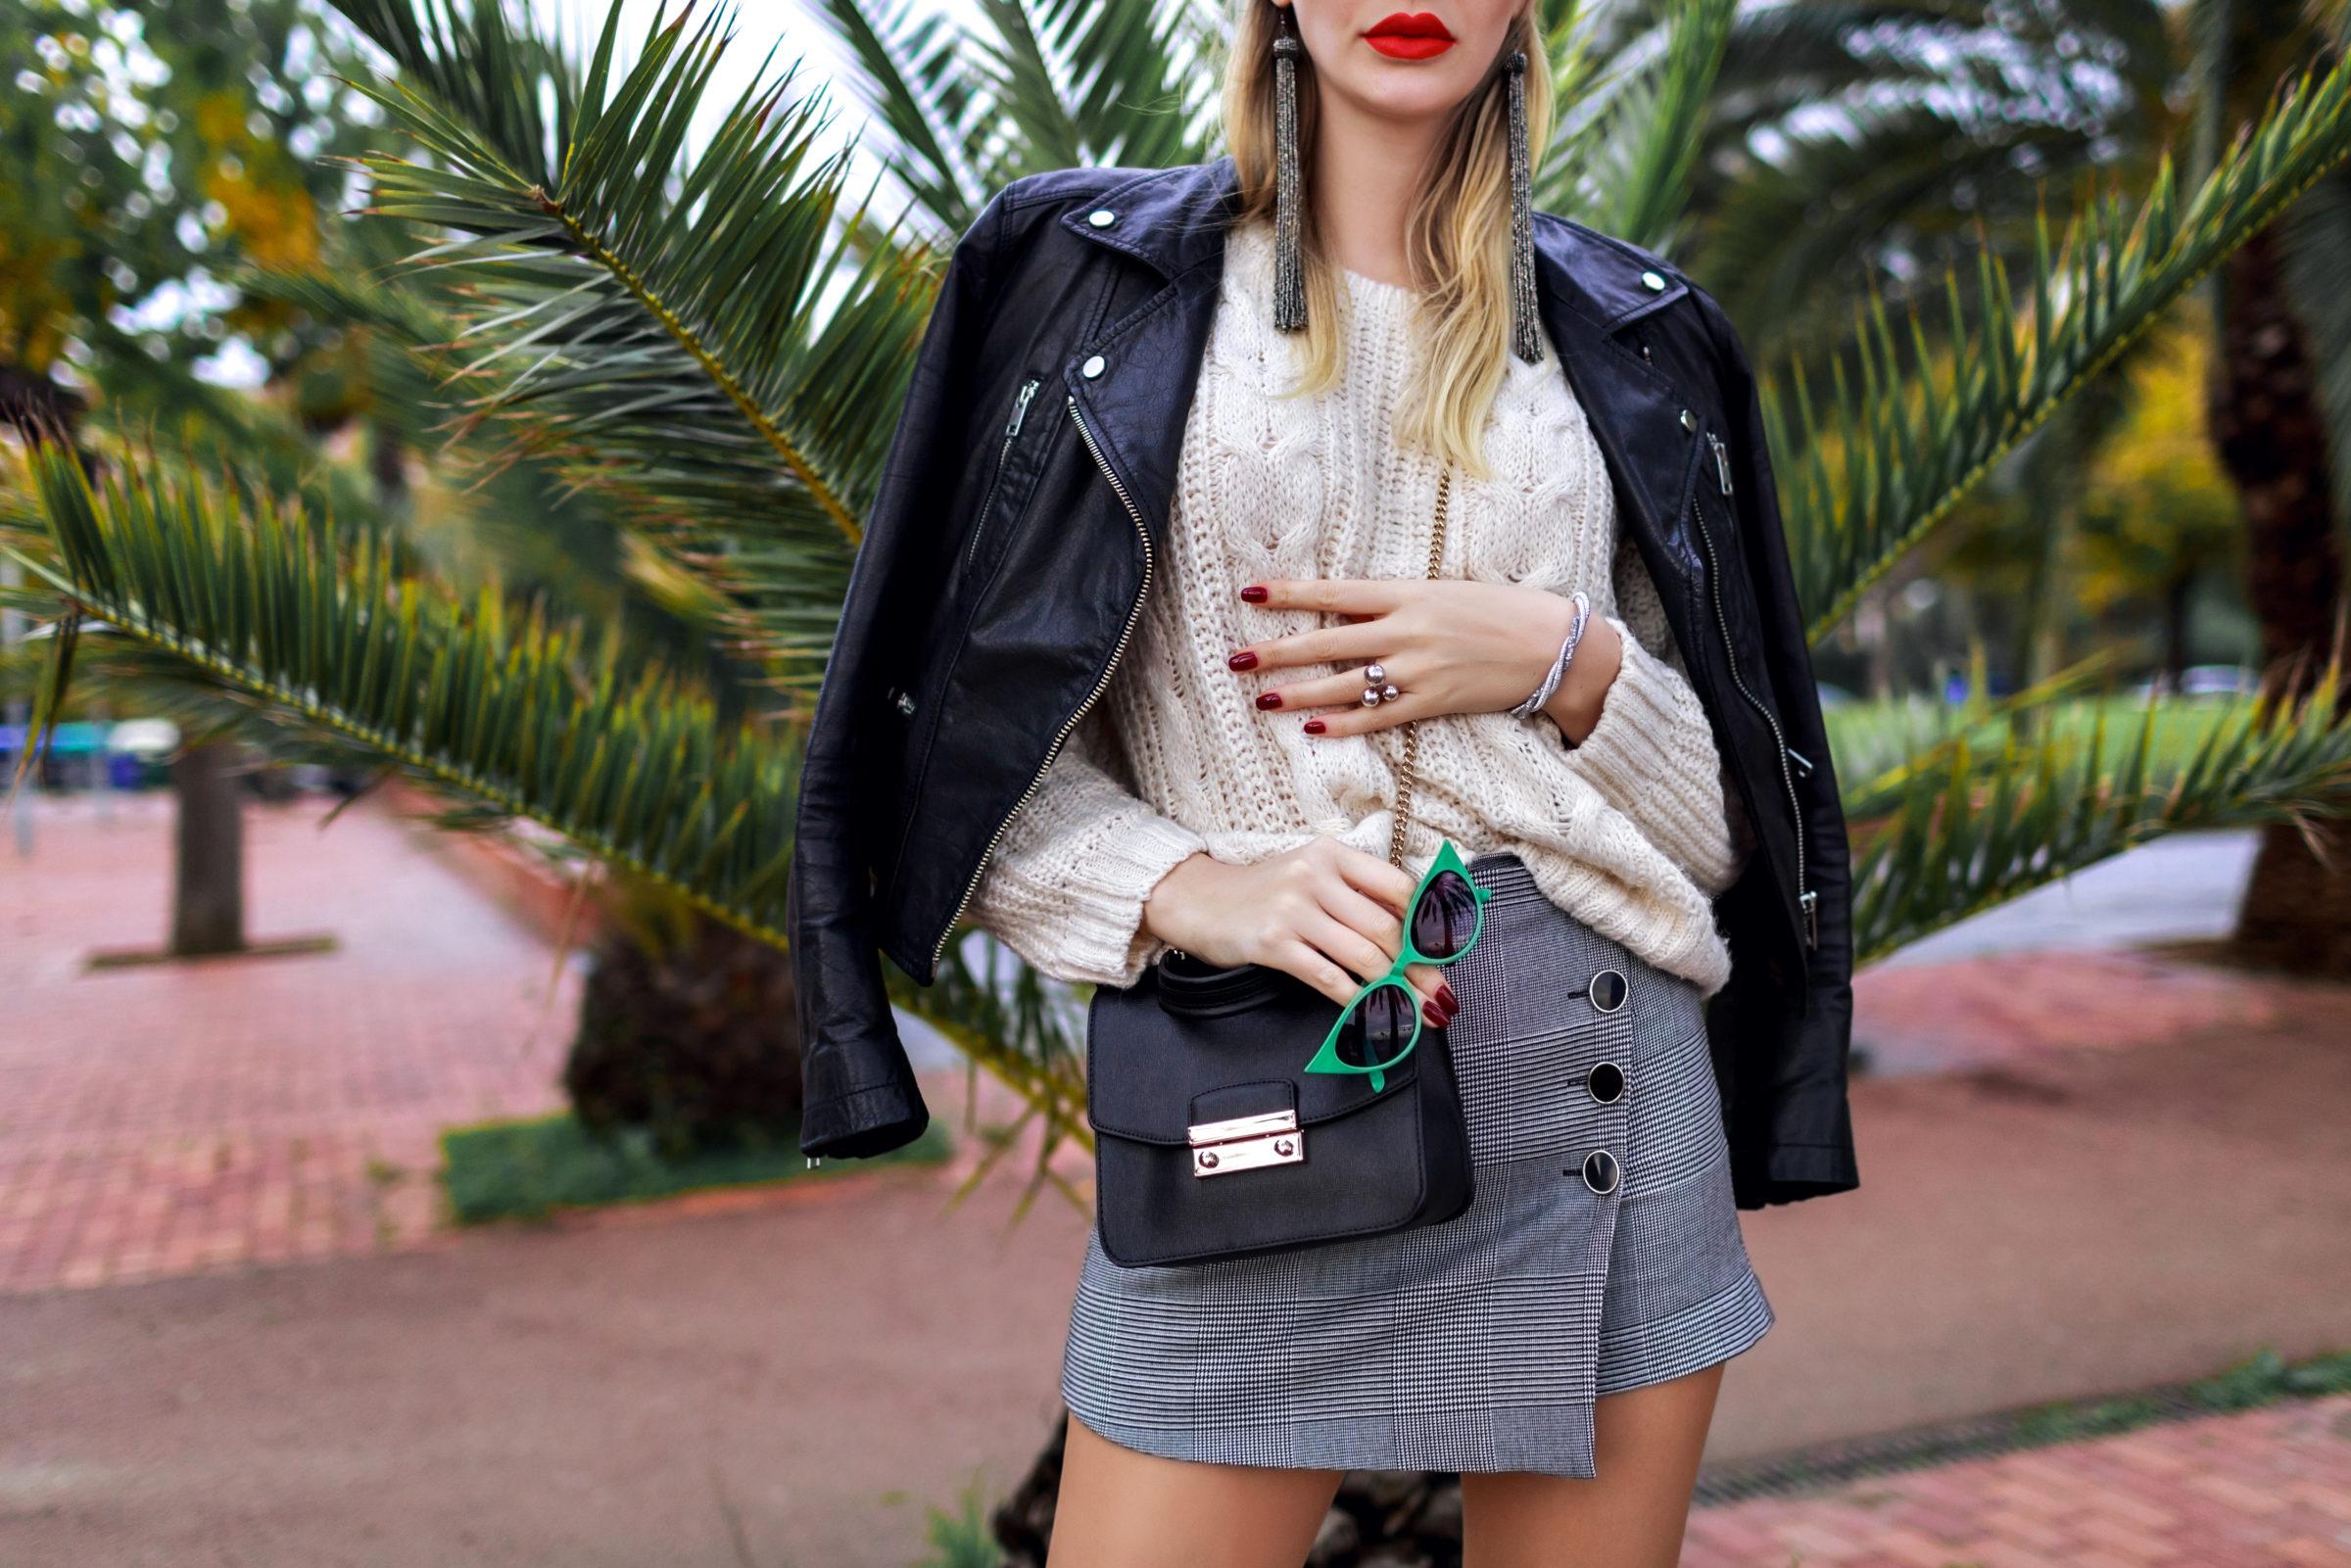 outdoor fashion image of stylish elegant woman pos FLM8YHK